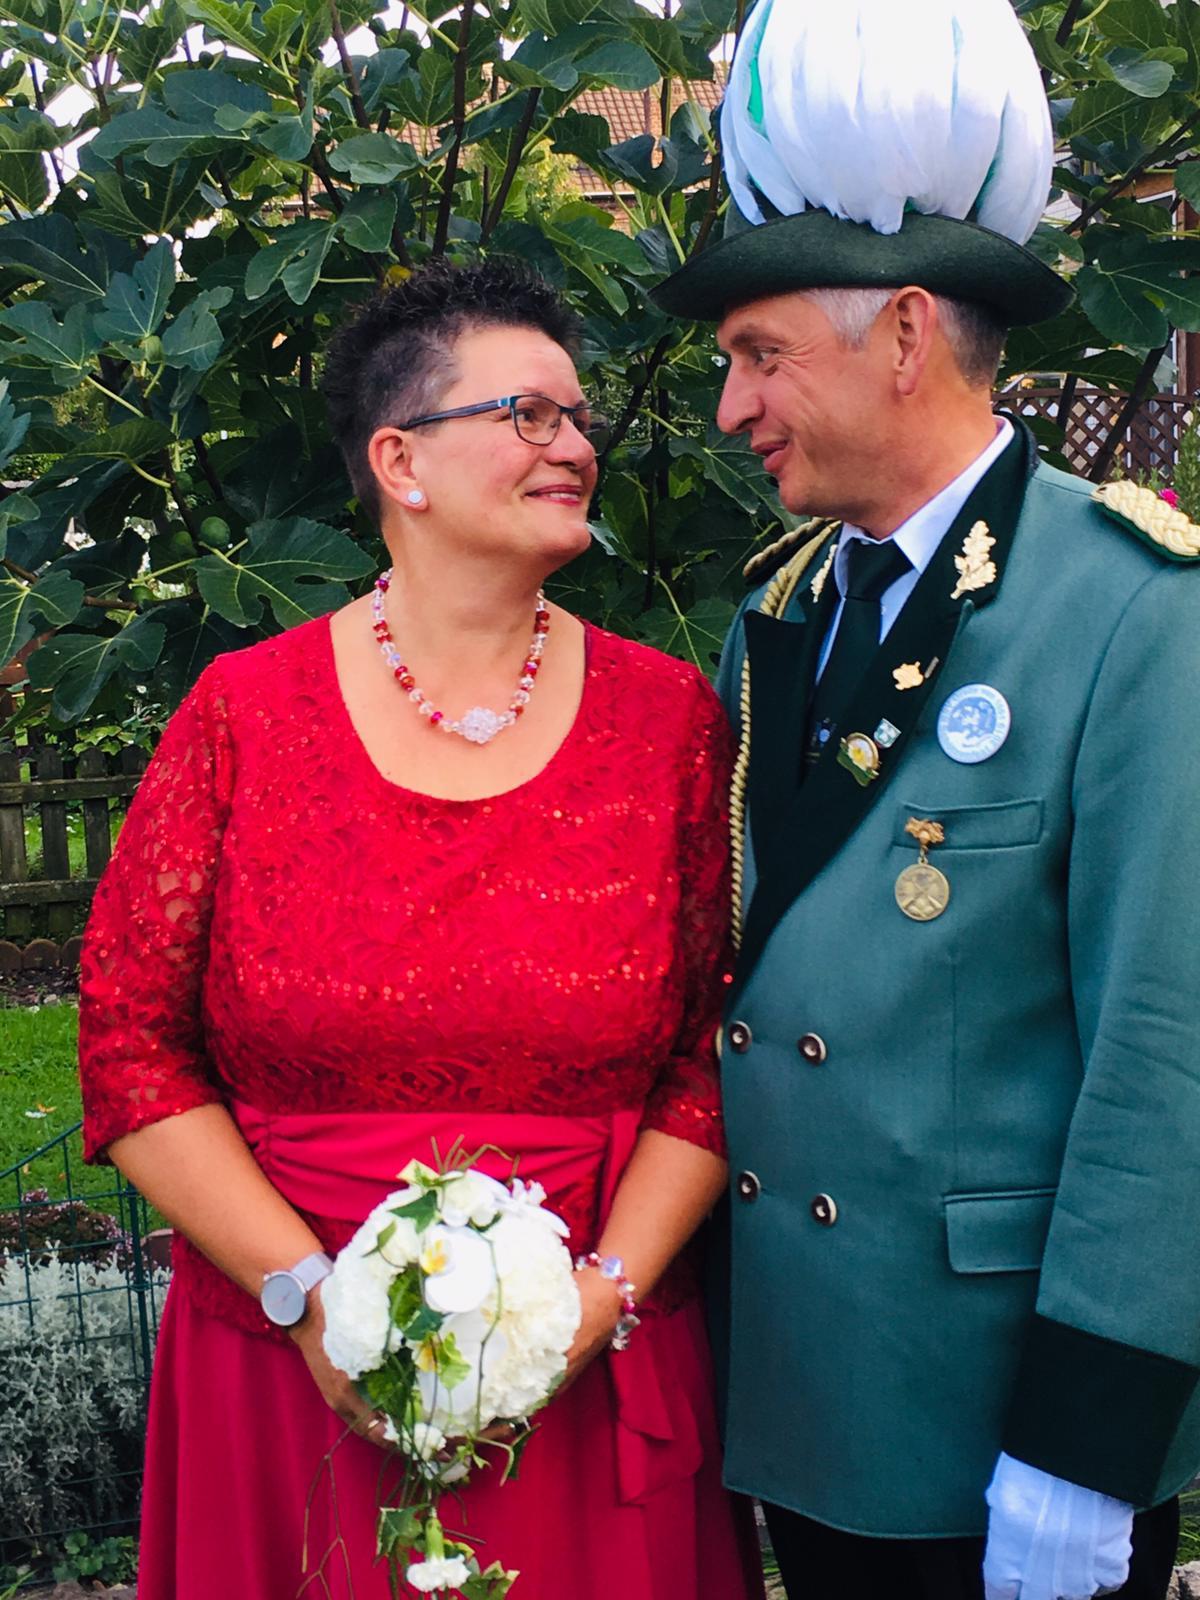 Außenminister Hubert Klüppel mit Hofdame Barbara Klüppel